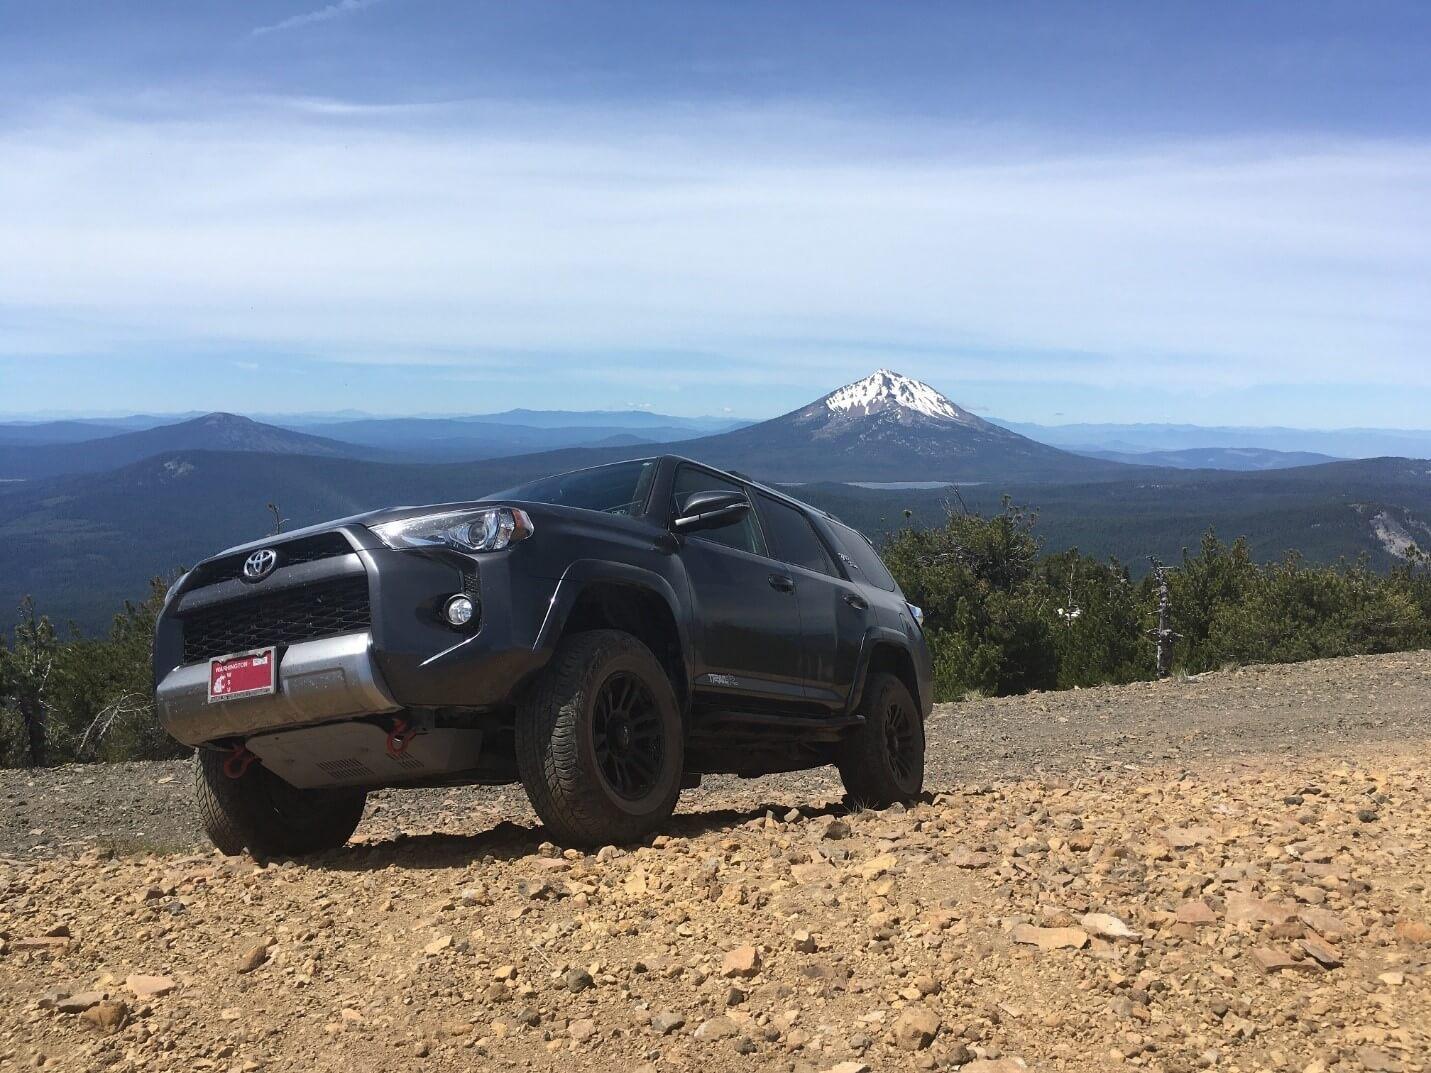 Pelican Butte Sheild Volcano Trail